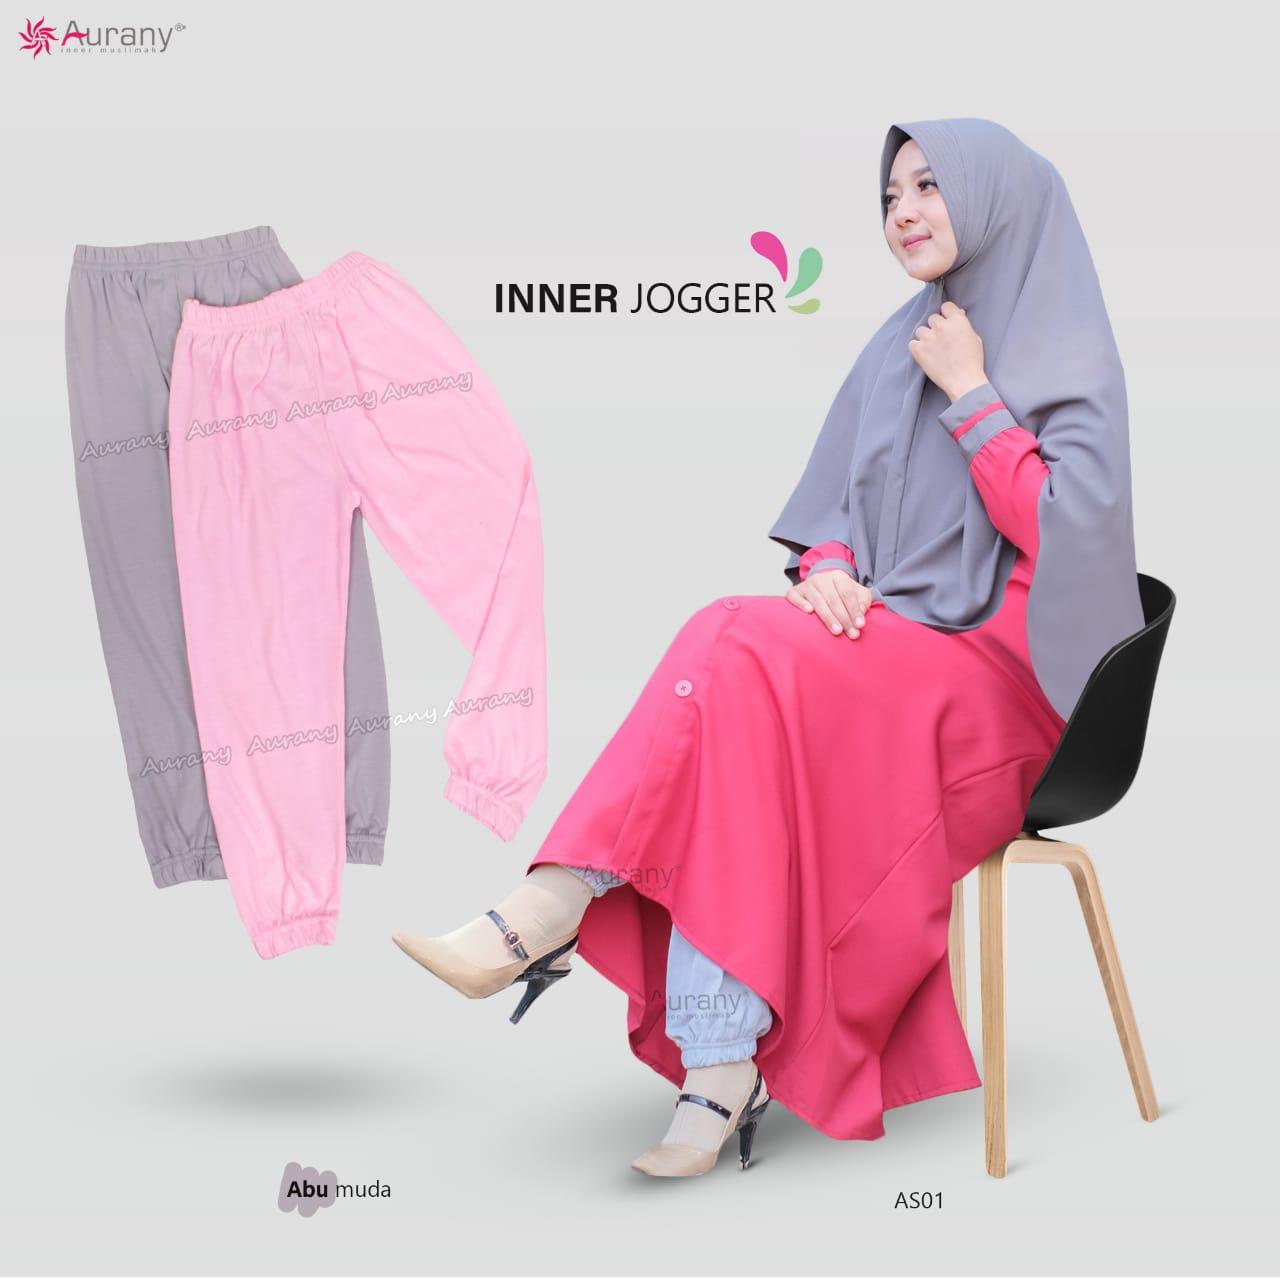 Busana Muslimah Inner Jogger Kid's by Aurany